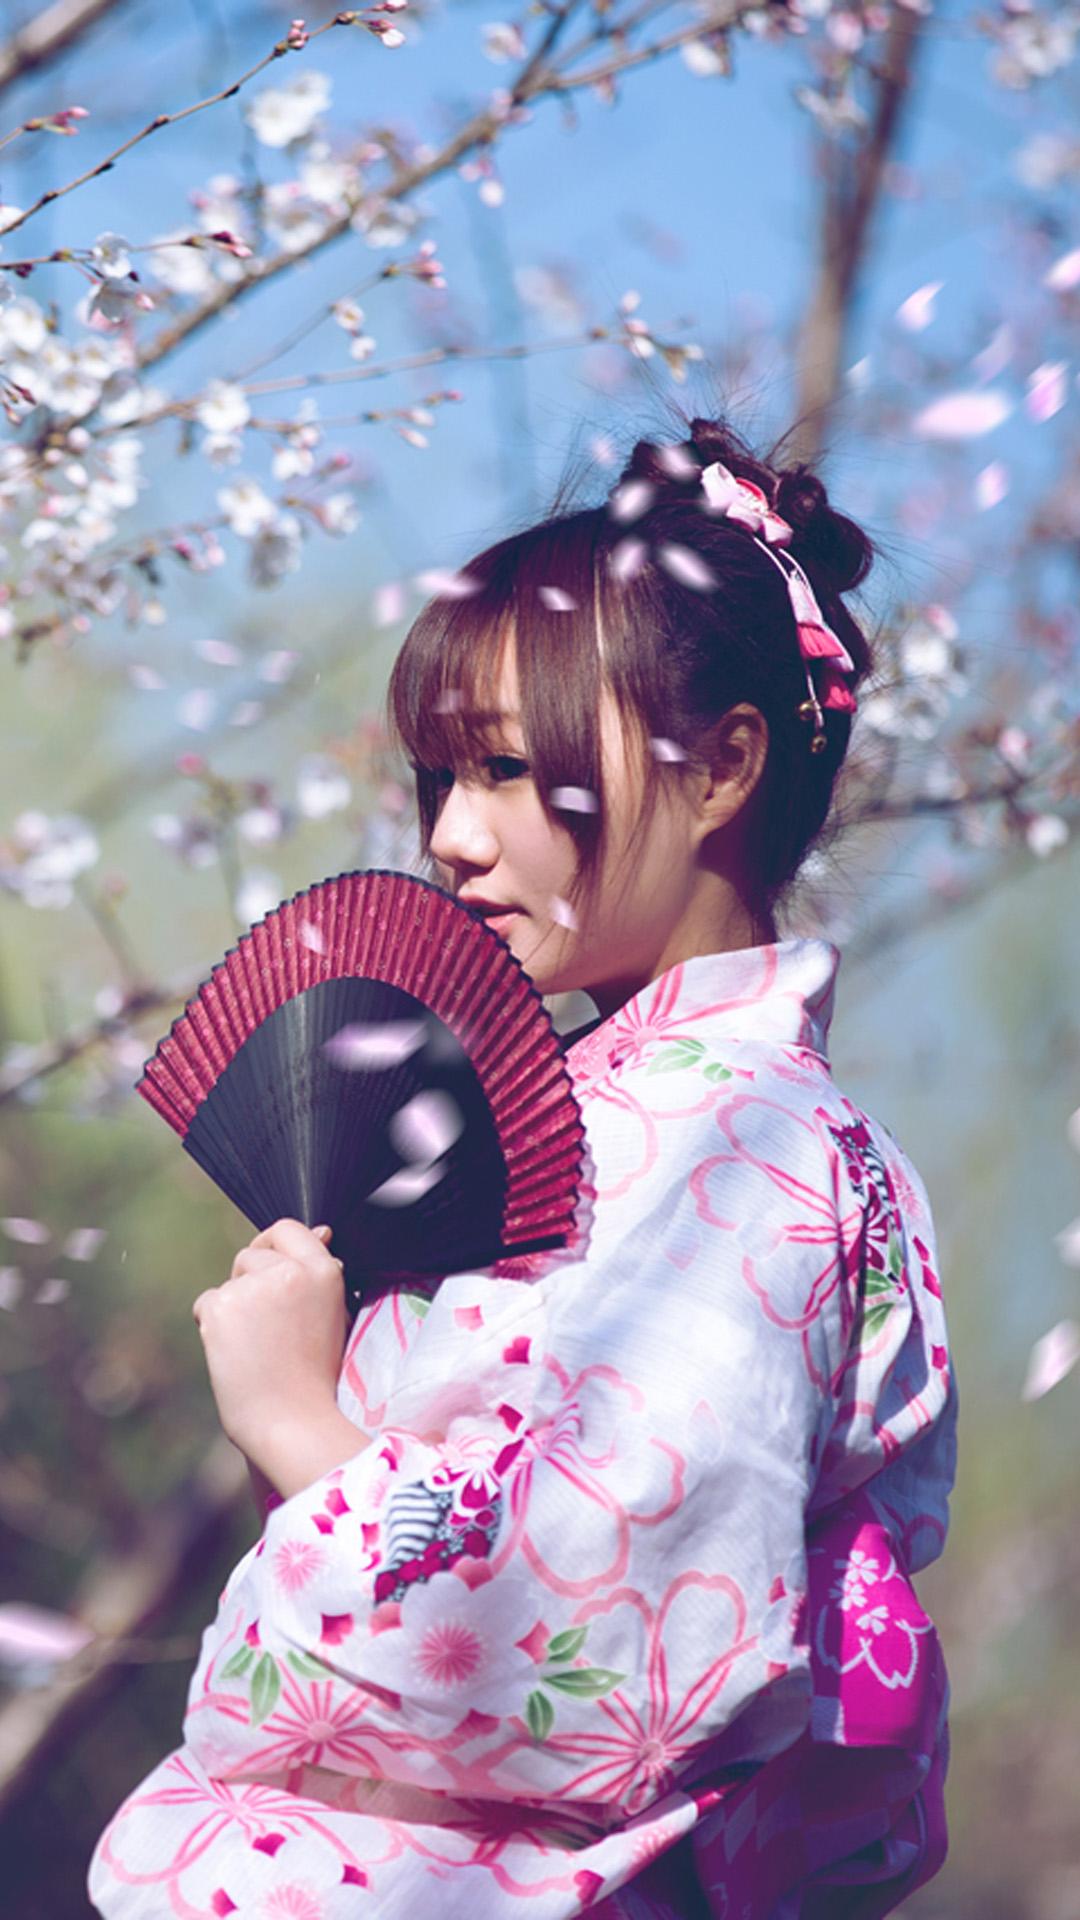 Japanese Girl Photo Wallpaper